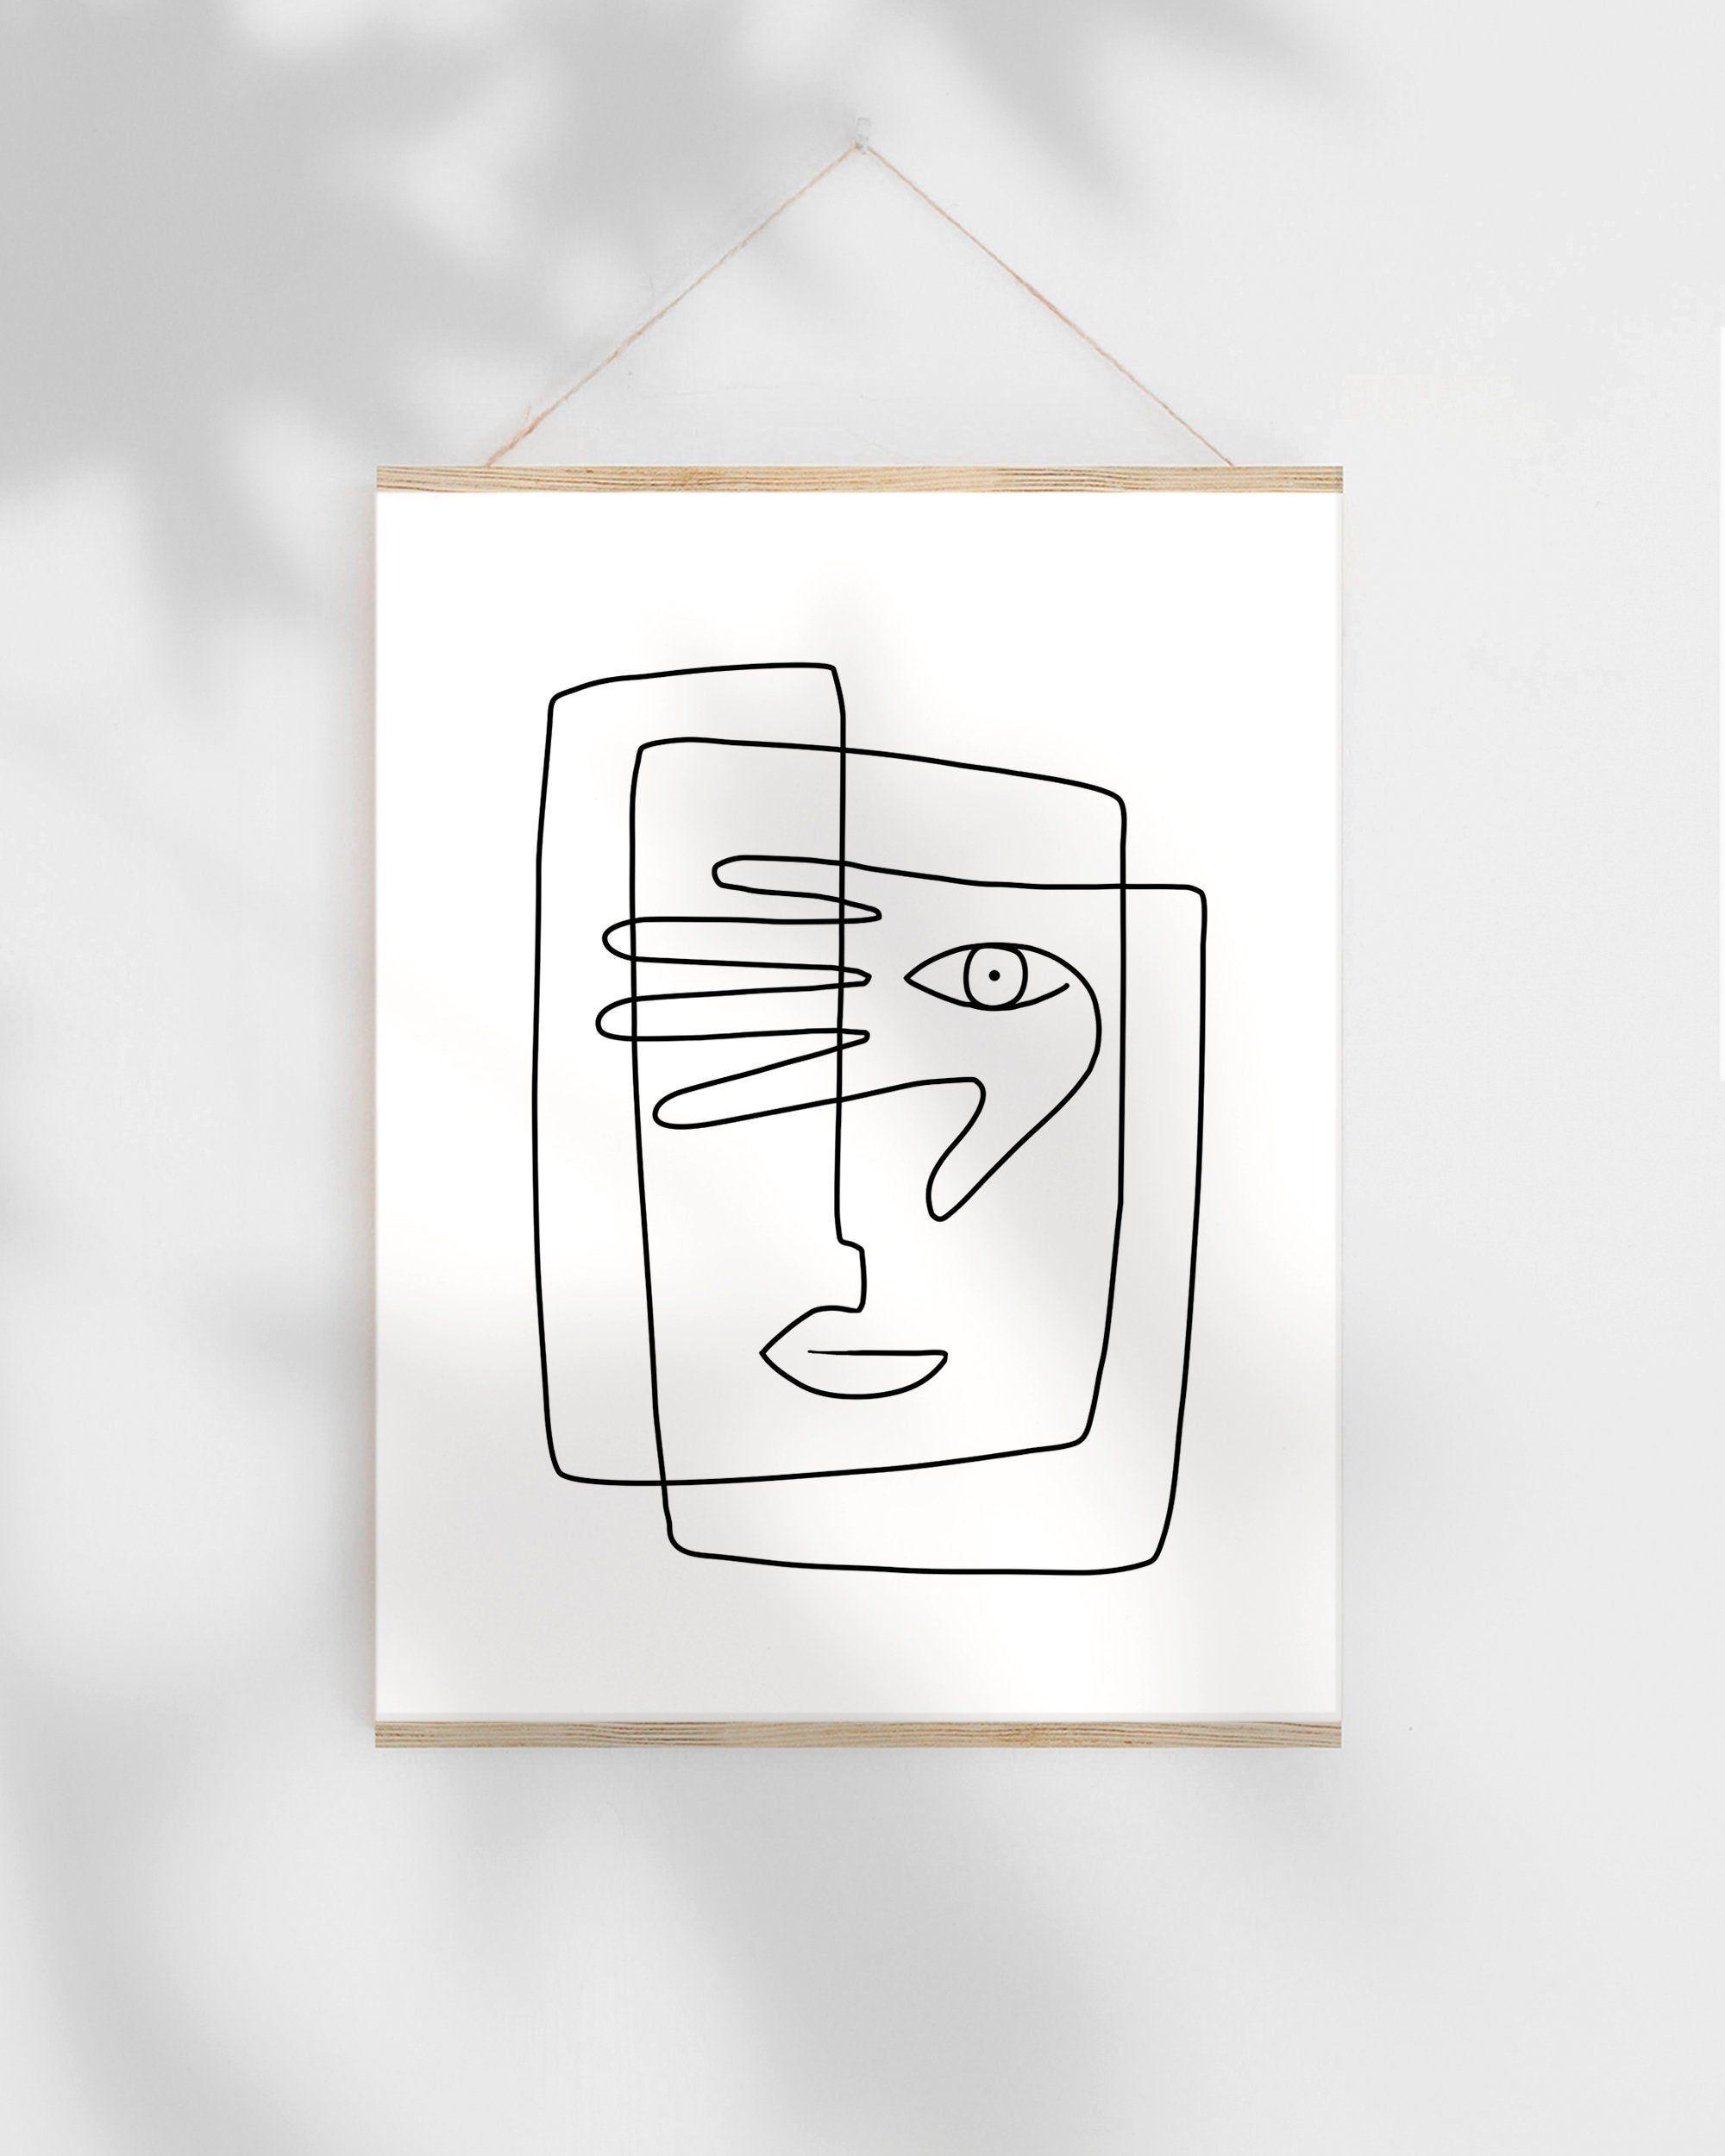 , Abstrakte Strichzeichnungen druckbare Skizze, Gesicht Illustration Kunstdruck, eine Strichzei…, Family Blog 2020, Family Blog 2020